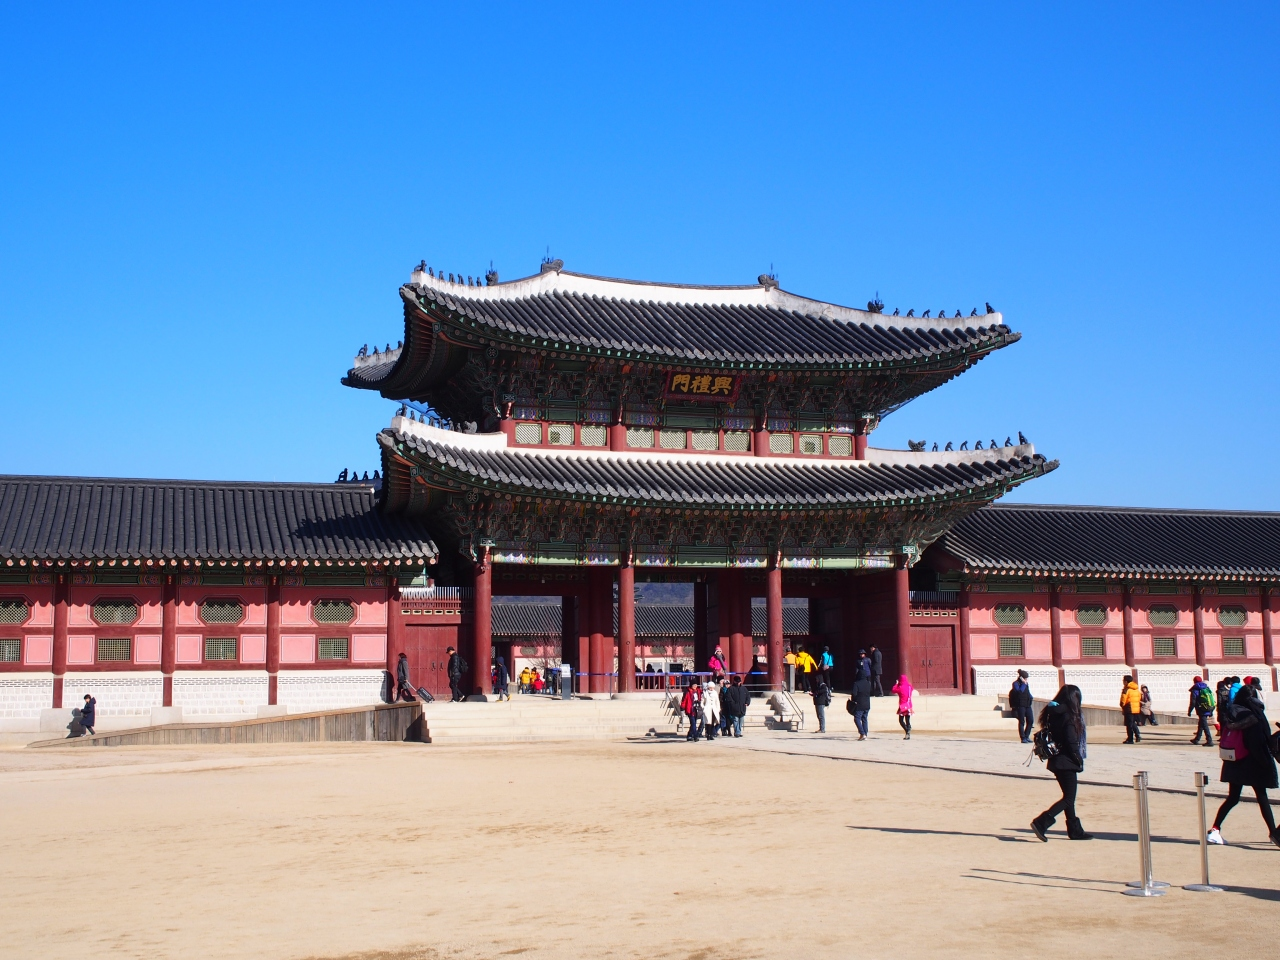 ひとり旅 海外 初めて ソウル